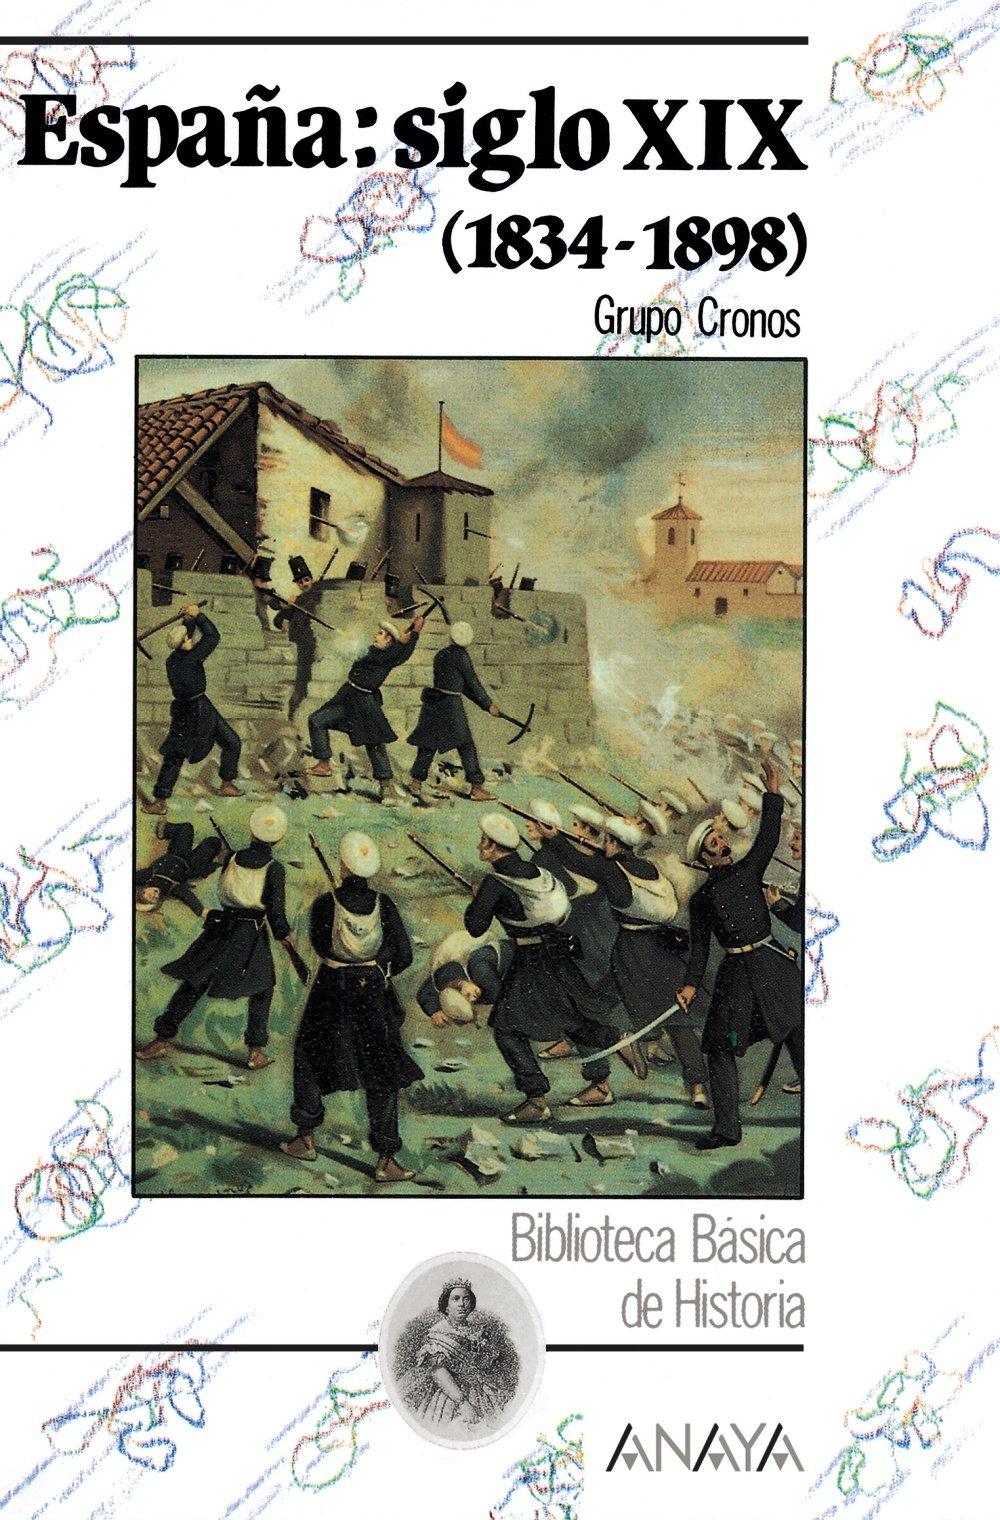 España: siglo XIX 1834-1898 : La Espana Del Siglo Xix 1834 - 1898 Historia Y Literatura - Biblioteca Básica De Historia: Amazon.es: Grupo Cronos: Libros